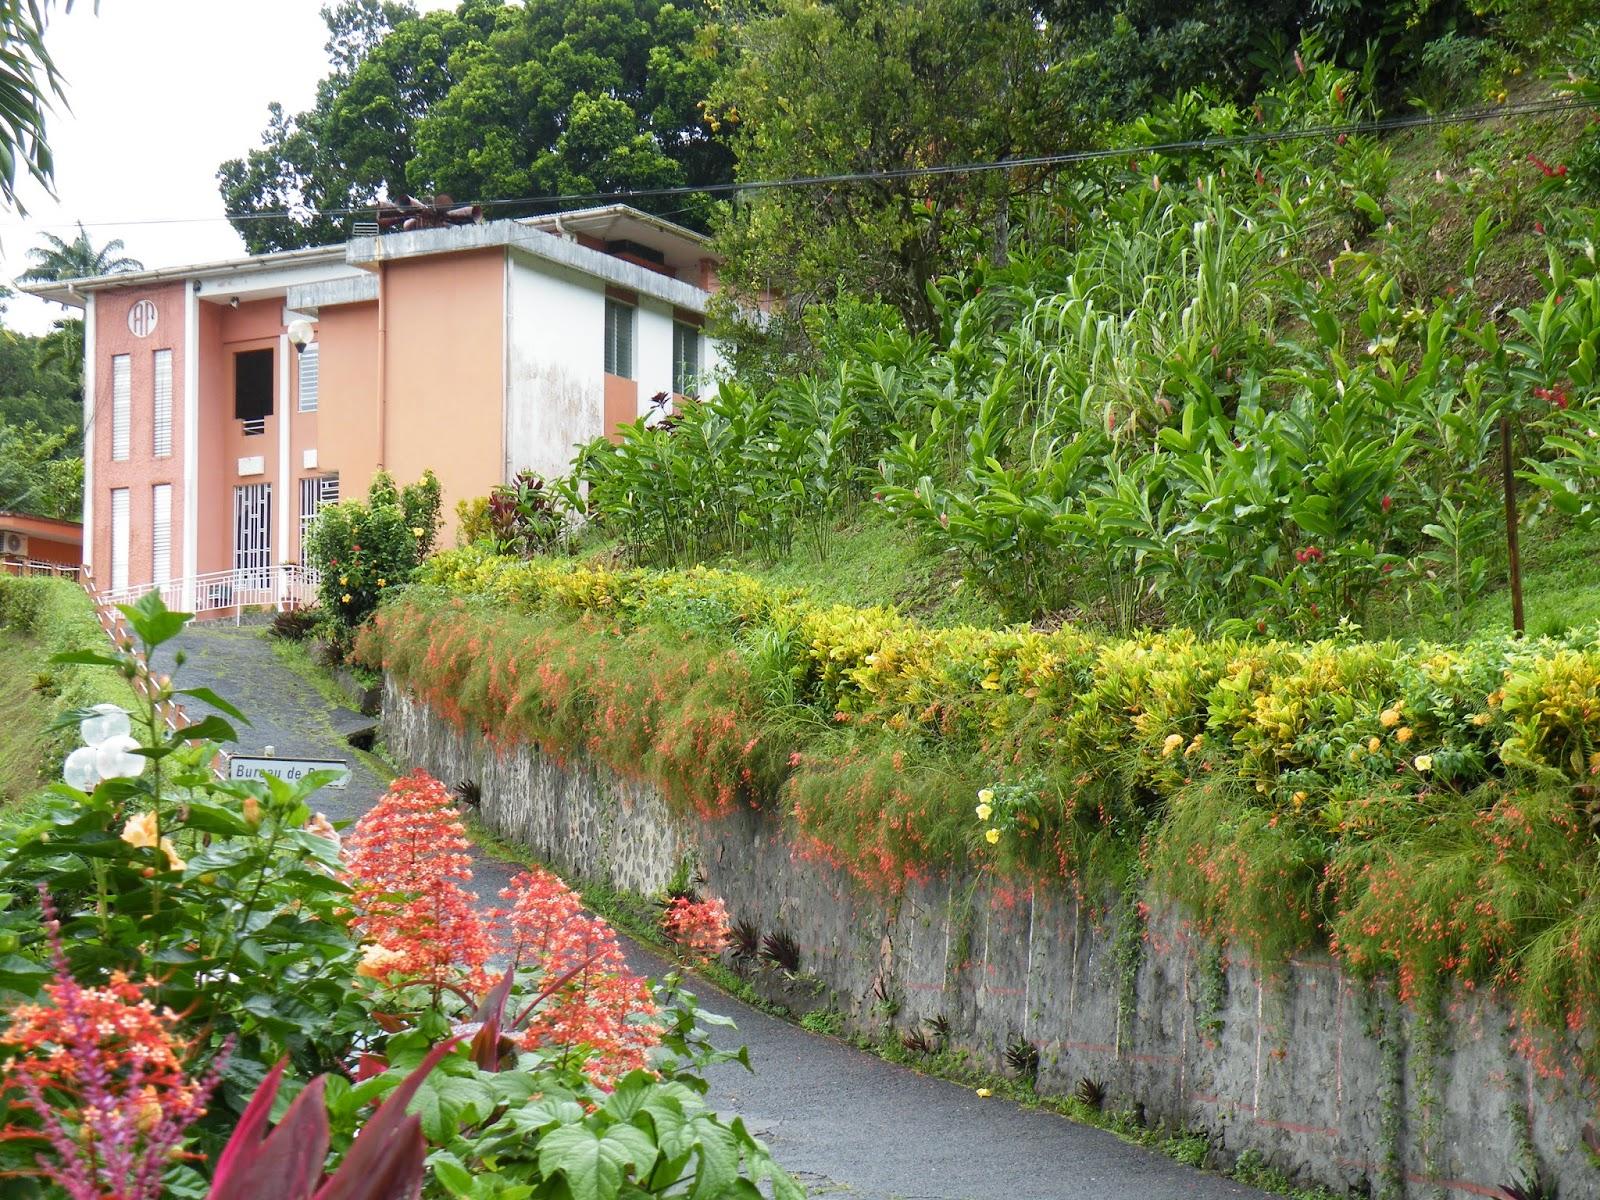 Du four au jardin et mes dix doigts fonds saint denis for 9 jardin fatima bedar saint denis